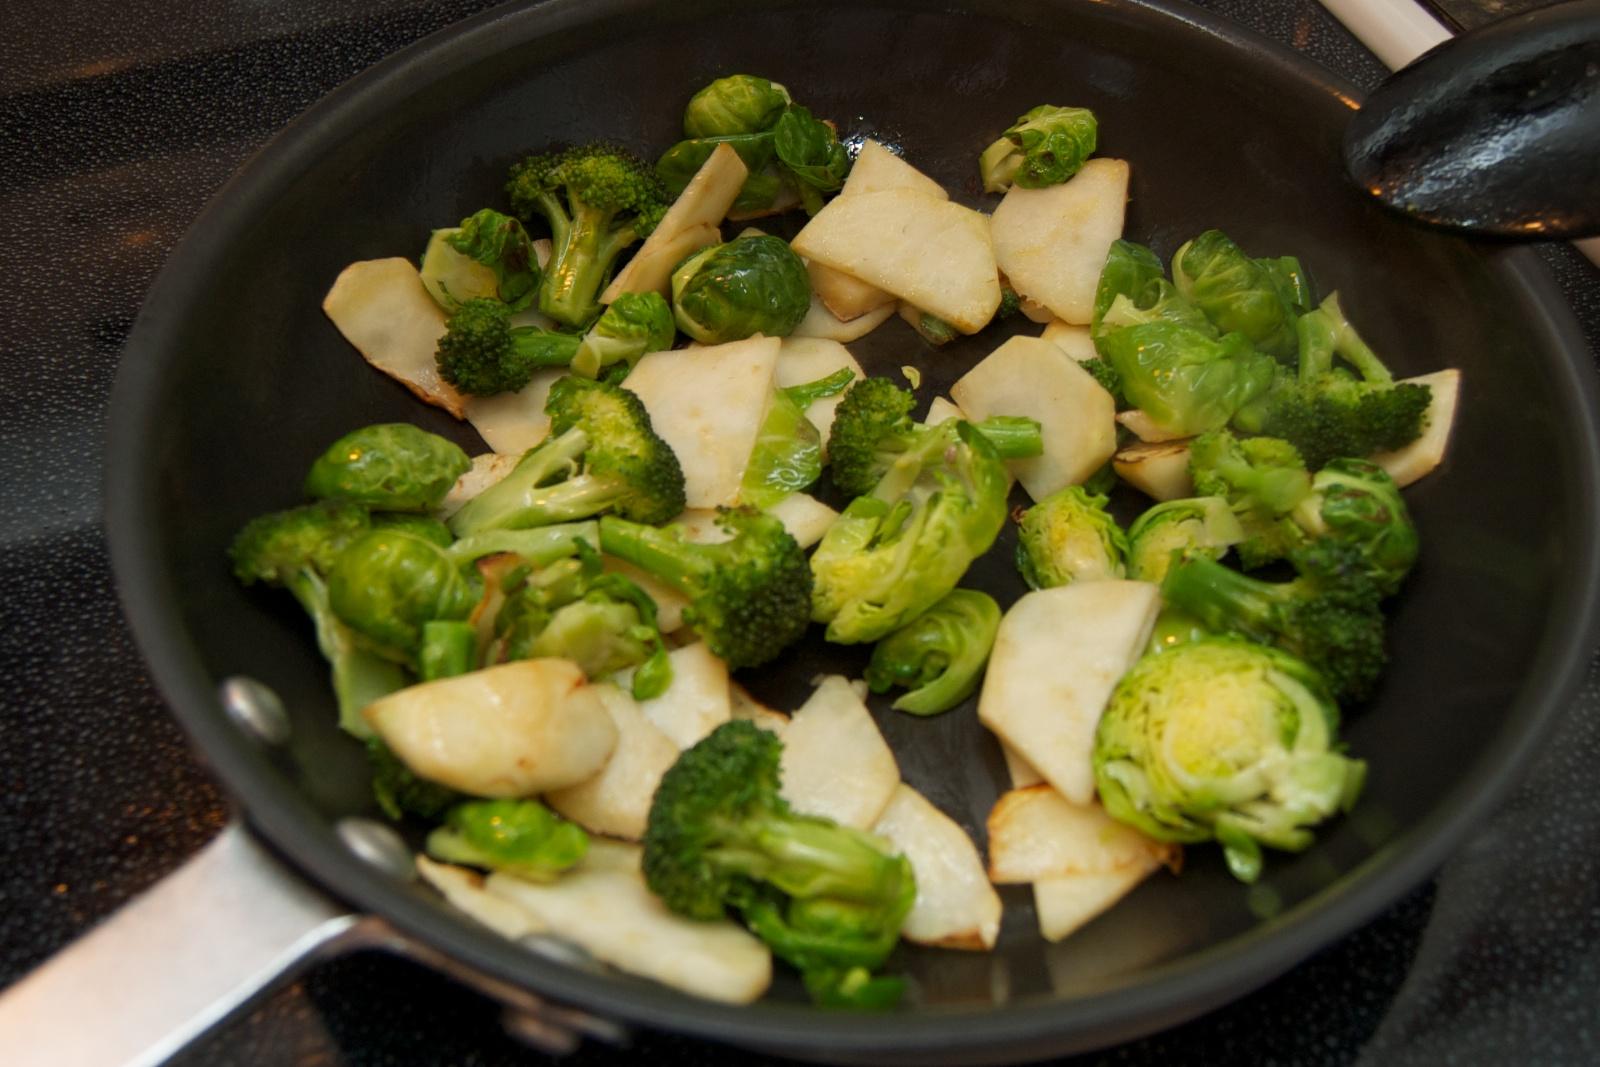 http://blog.rickk.com/food/2010/10/17/veggarlicstir4.jpg